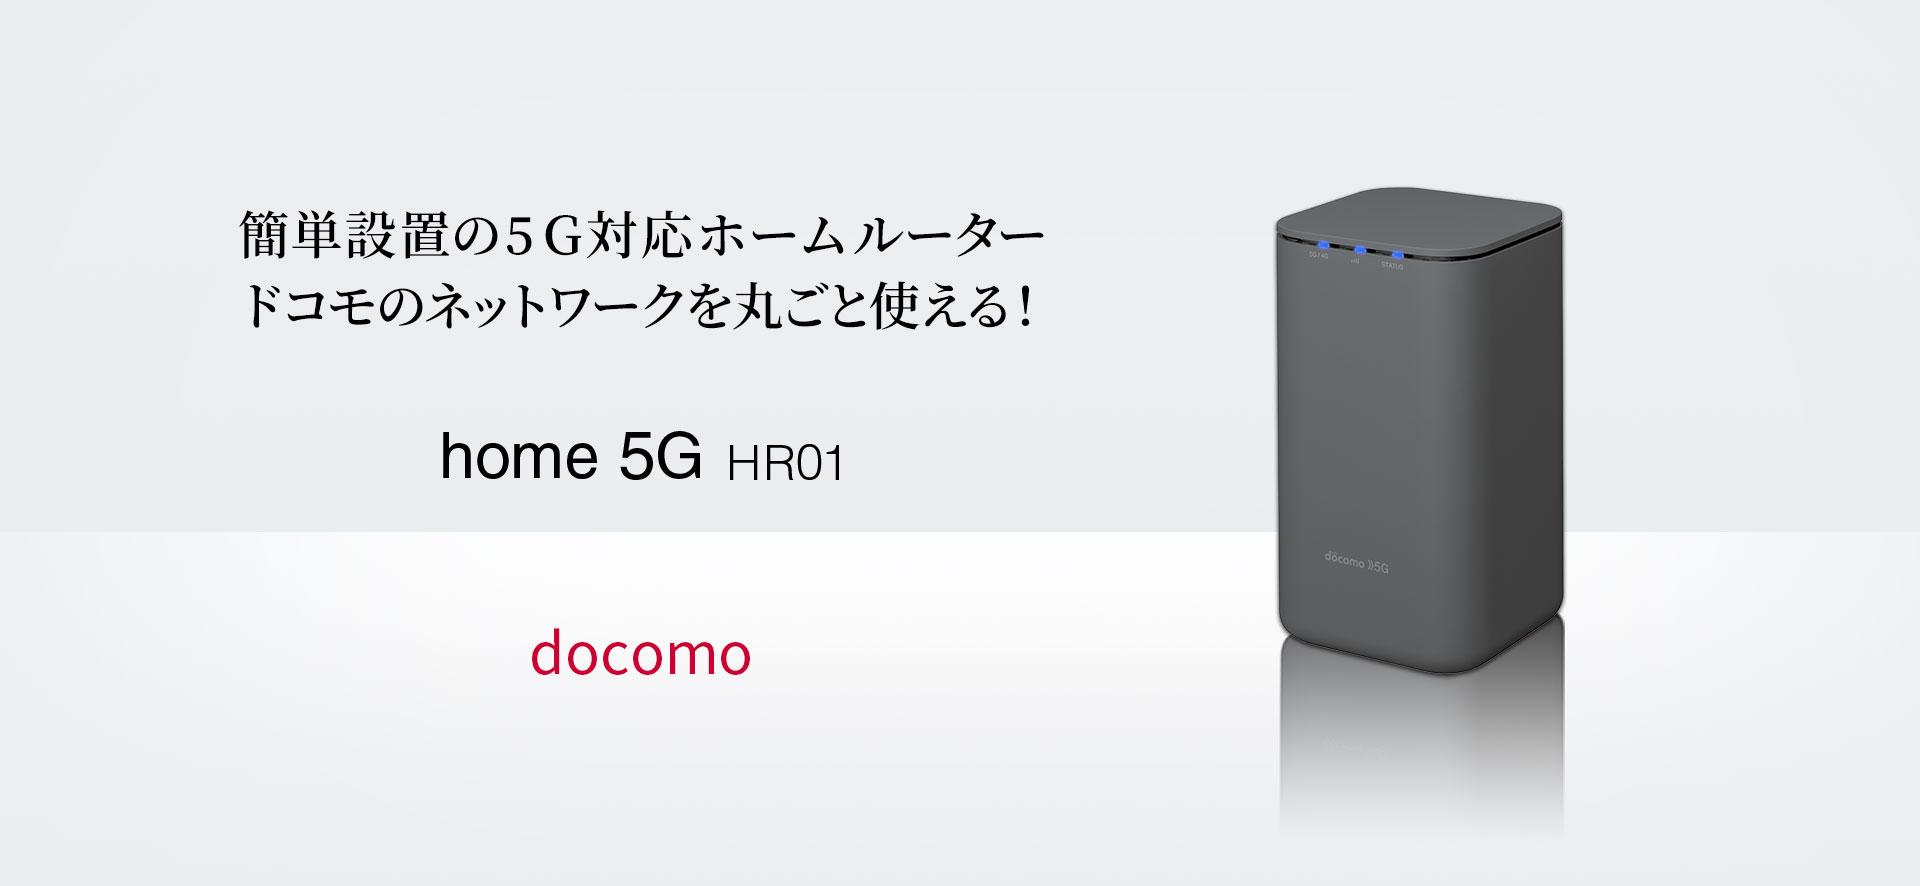 docomo home5G HR01